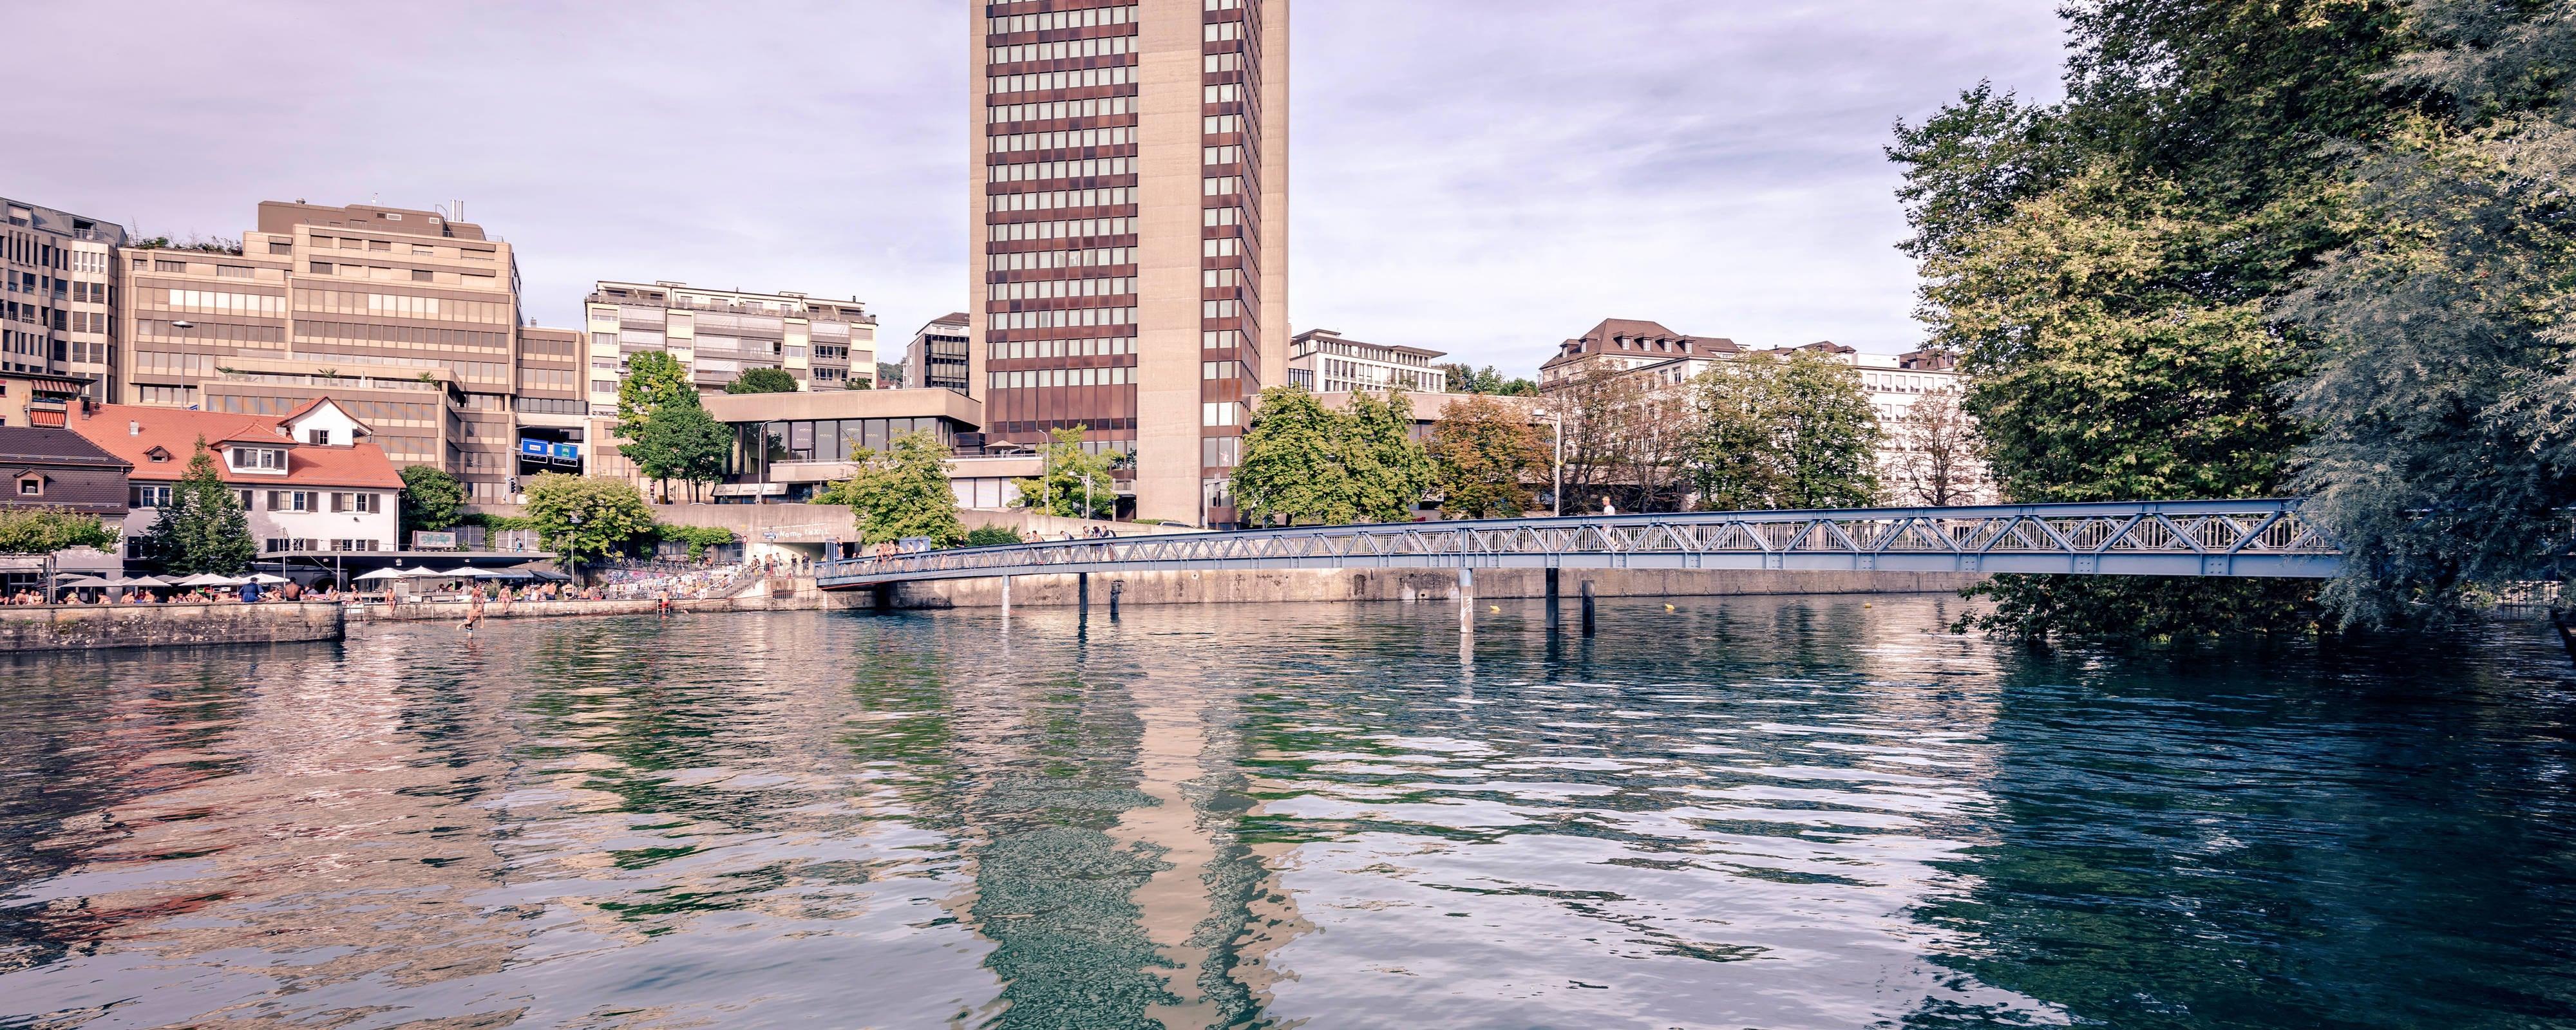 Downtown Zurich Hotels In Switzerland Zurich Marriott Hotel